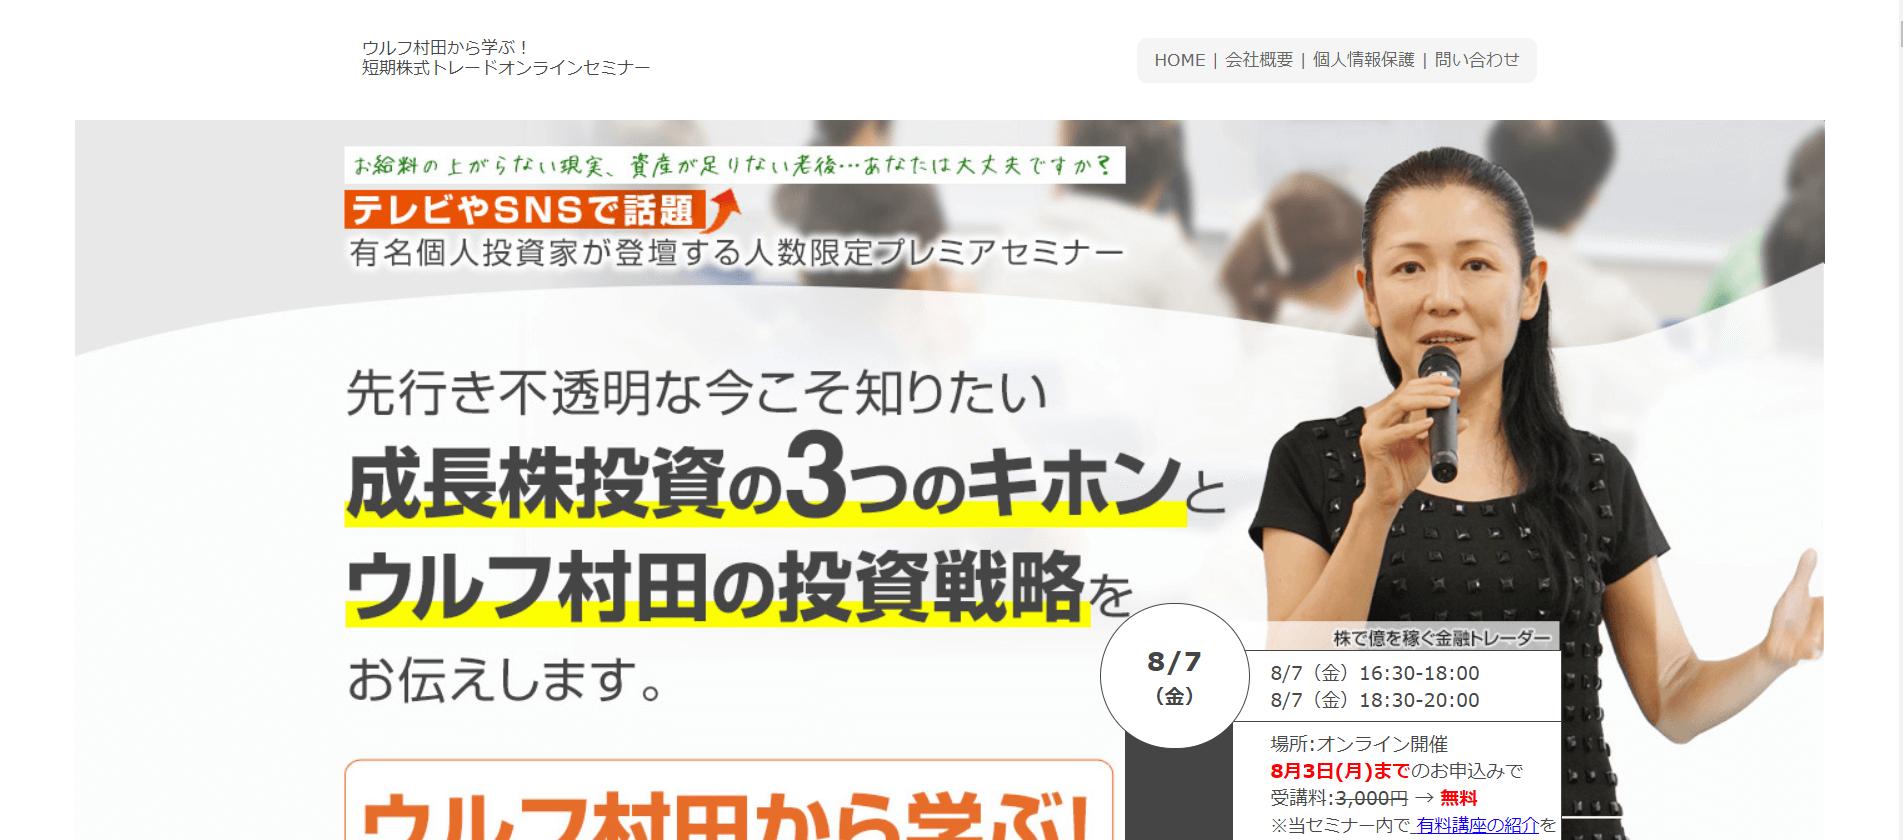 ウルフ村田から学ぶ!短期株式トレードオンラインセミナー